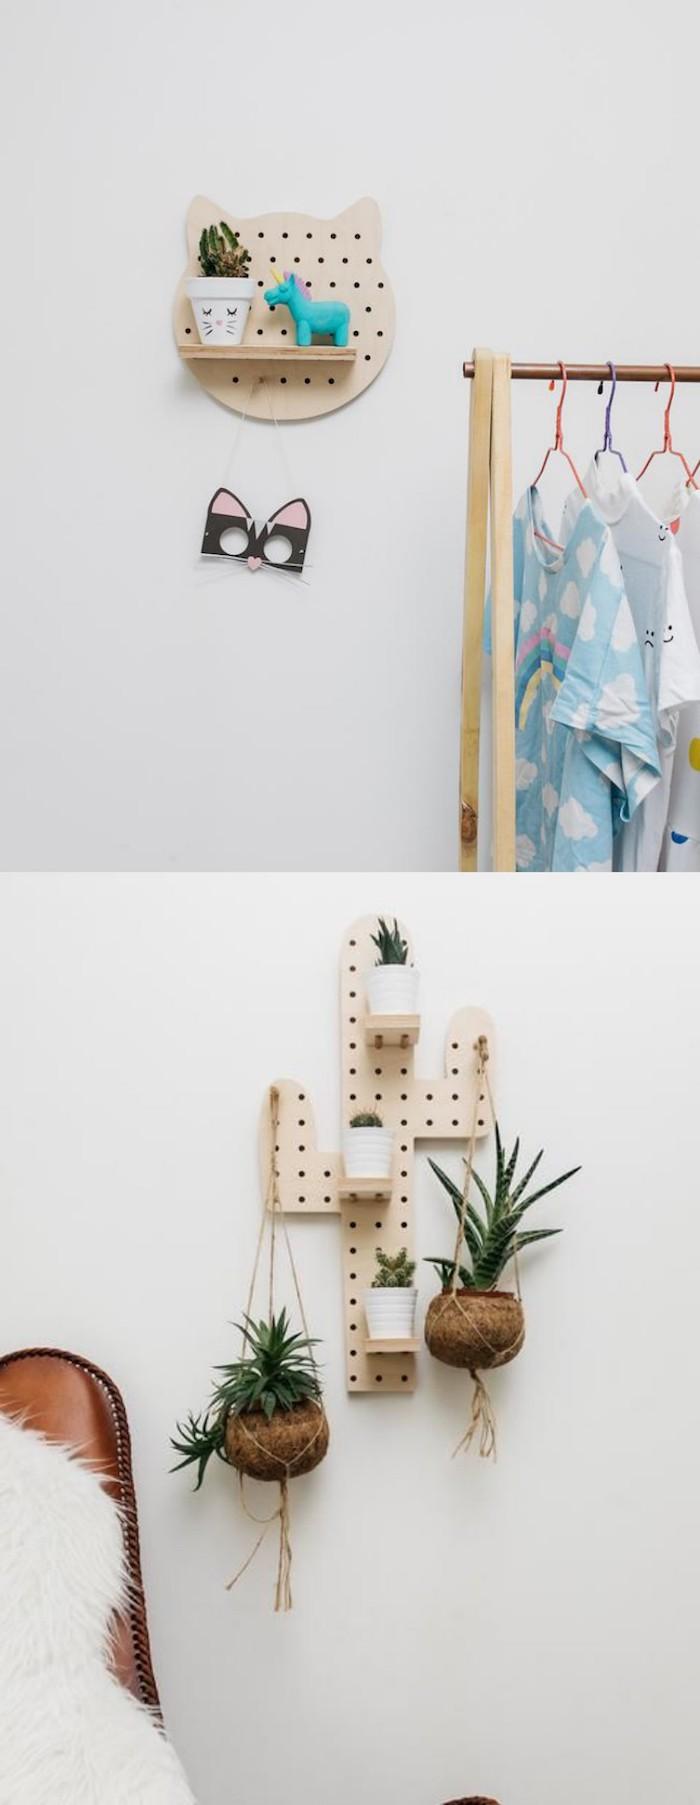 Перфорированный стеллаж из фанеры в интерьере